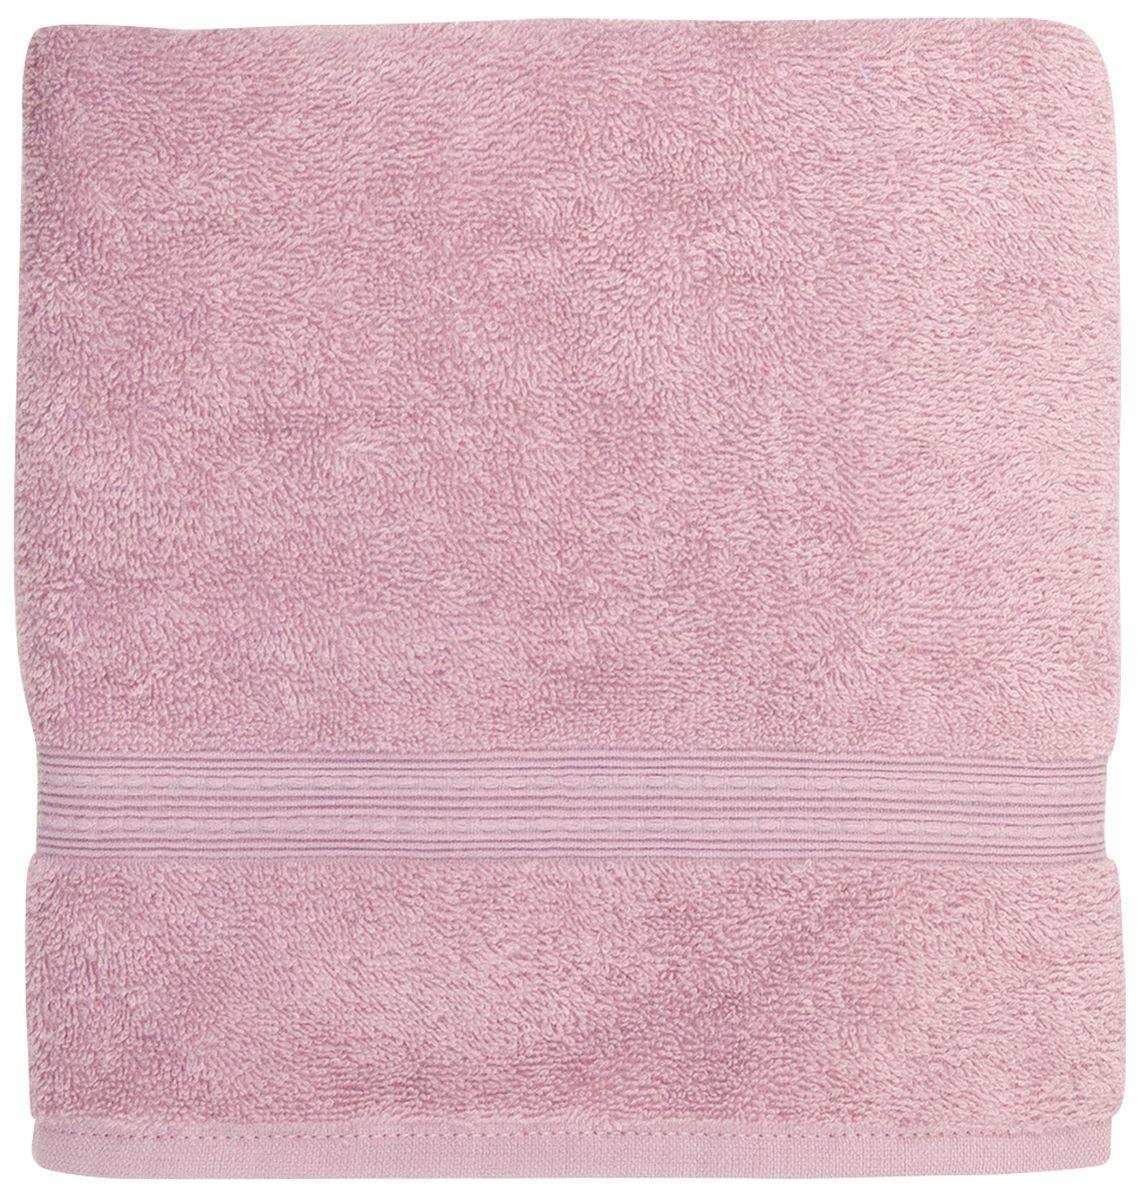 Полотенце банное Bonita Classic, цвет: лаванда, 50 x 90 см68/5/2Банное полотенце Bonita Classic выполнено из 100% хлопка. Изделие отлично впитывает влагу, быстро сохнет, сохраняет яркость цвета и не теряет форму даже после многократных стирок. Такое полотенце очень практично и неприхотливо в уходе. Оно создаст прекрасное настроение и украсит интерьер в ванной комнате.